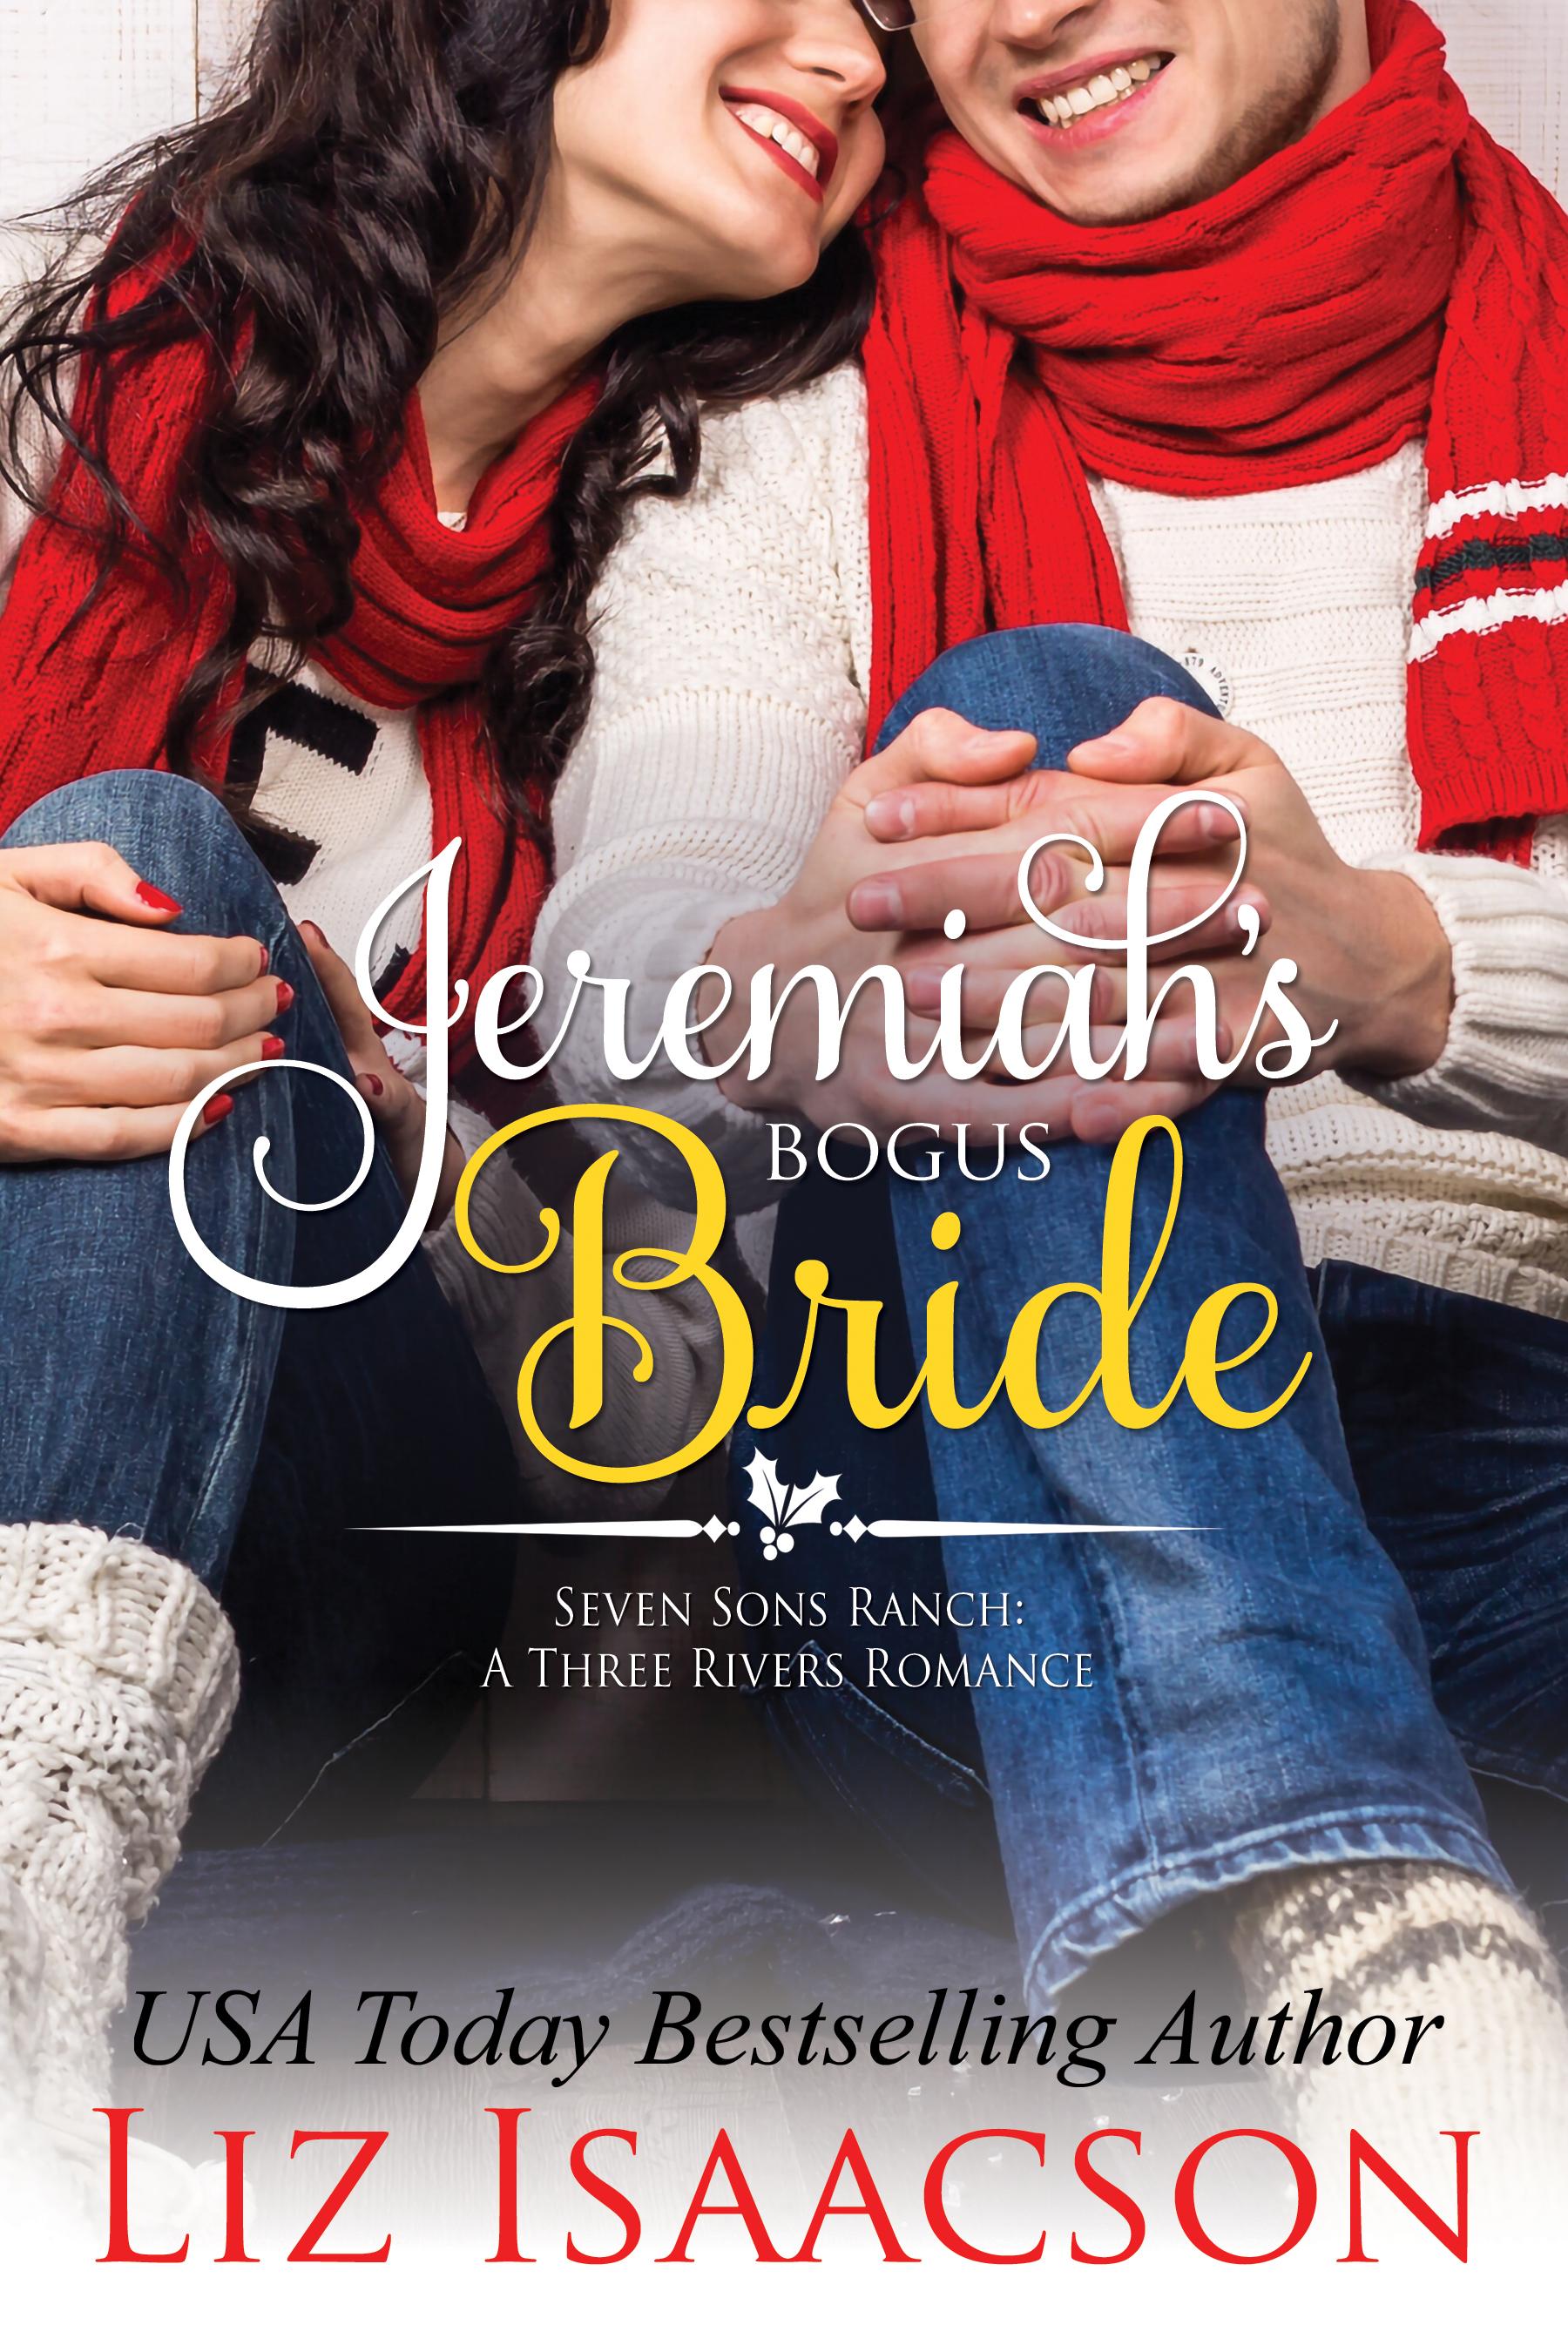 Jeremiahs Bogus Bride FRONT COVER